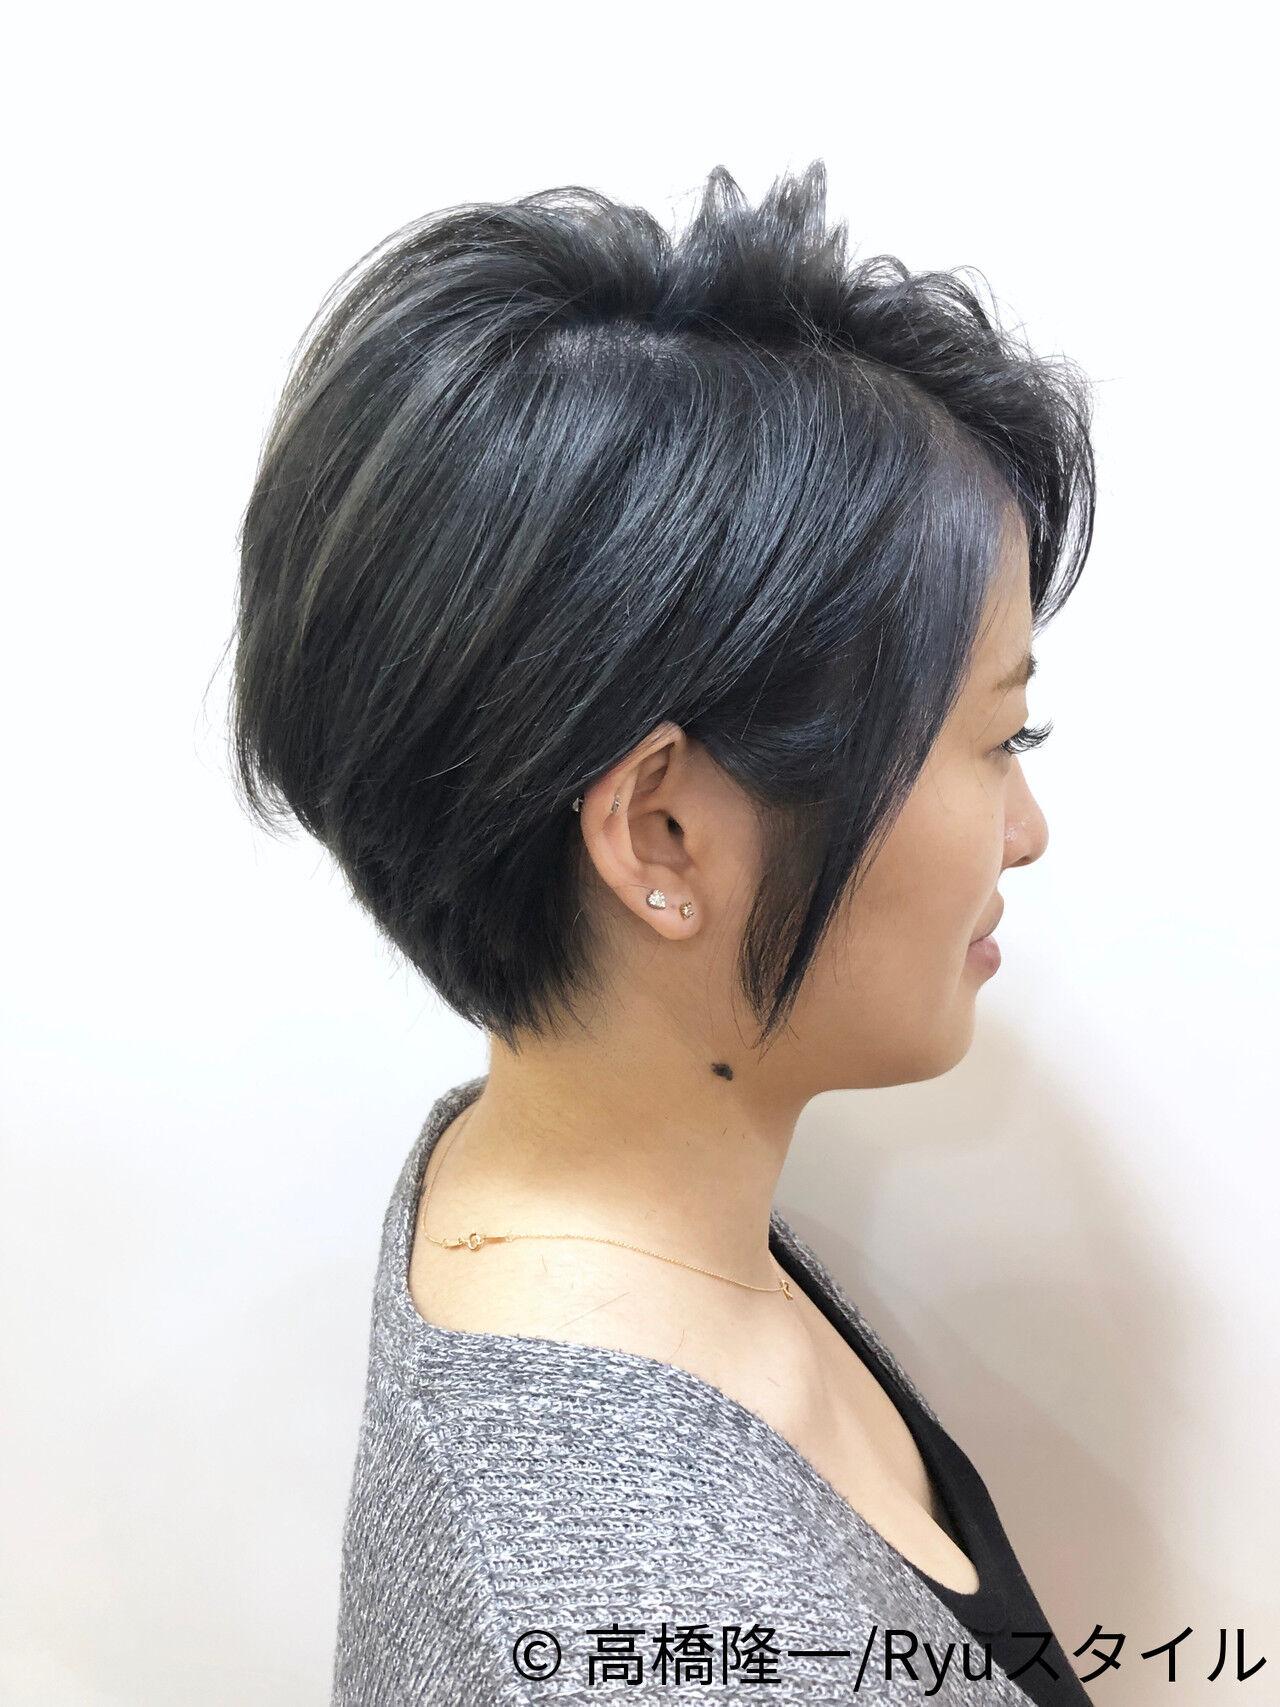 ショート モード ダークグレー 透明感カラーヘアスタイルや髪型の写真・画像